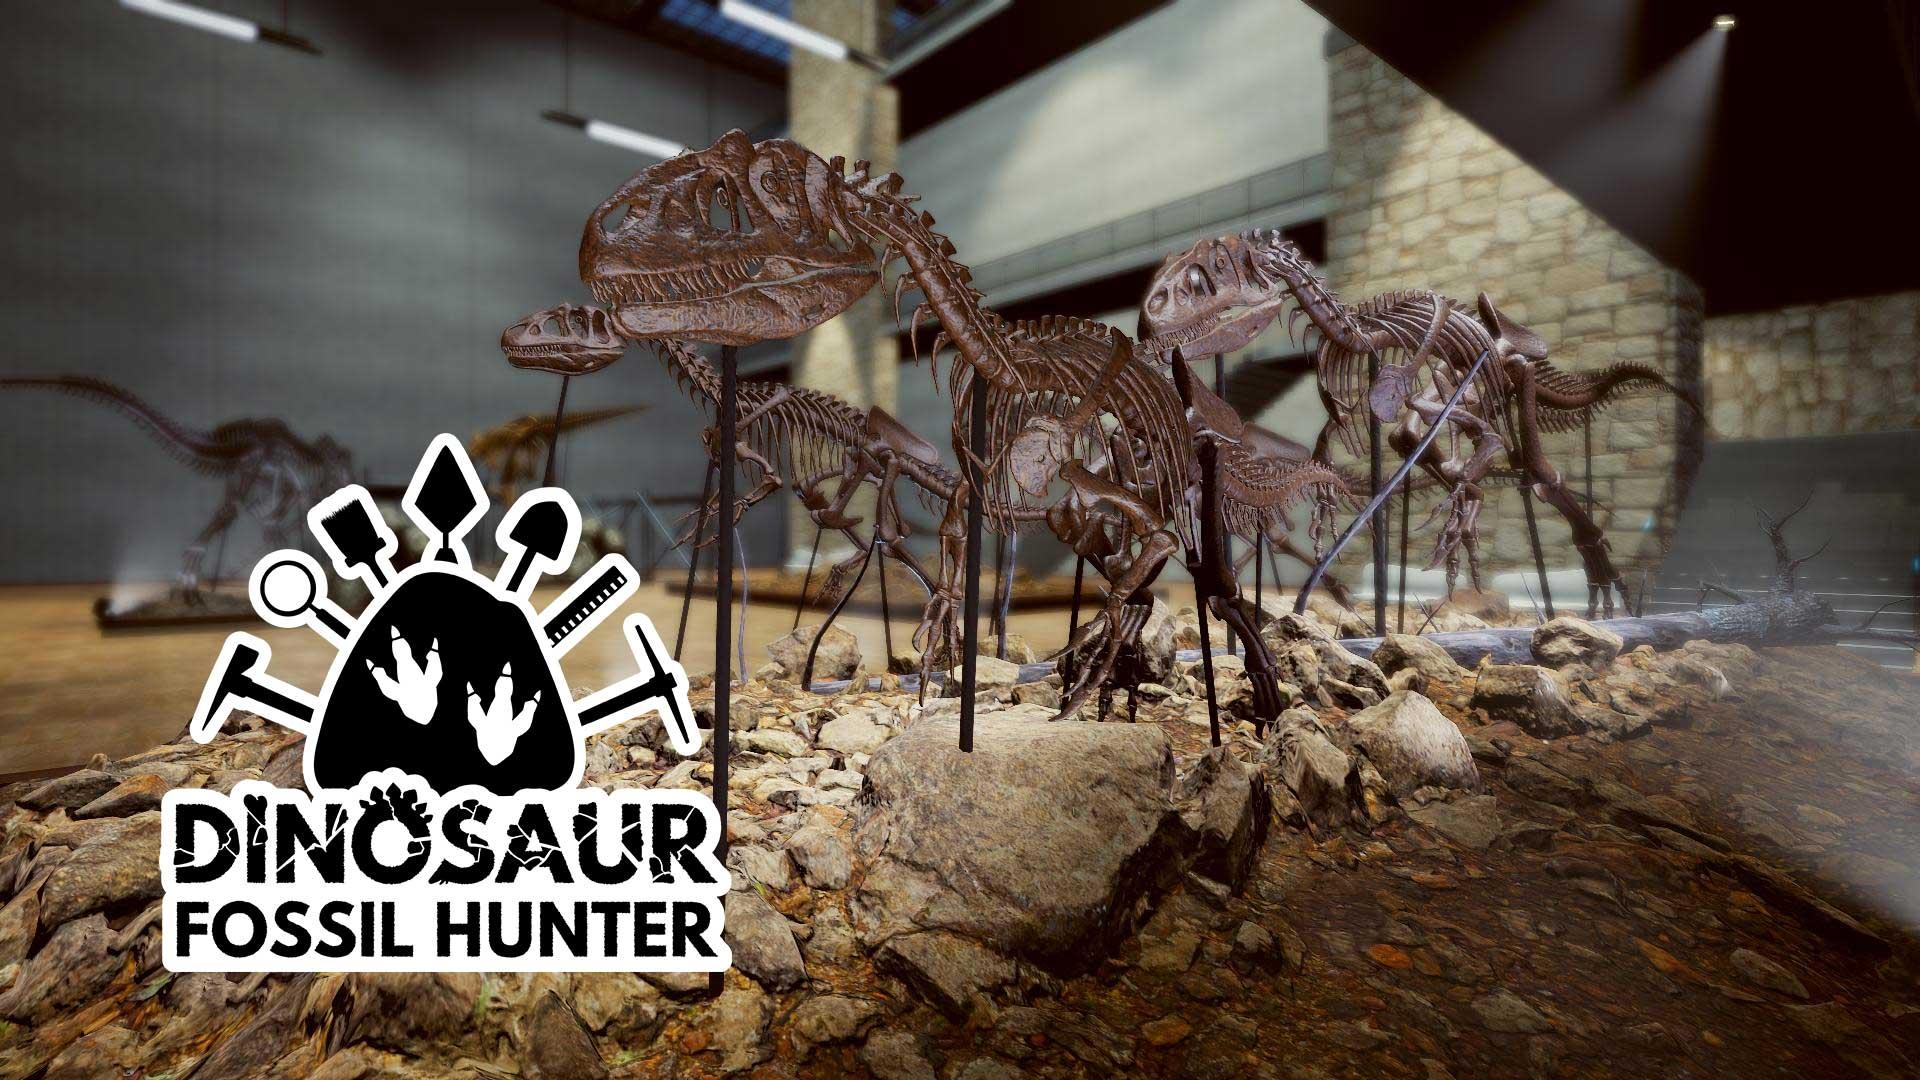 dinosaur fossil hunter museum knochen